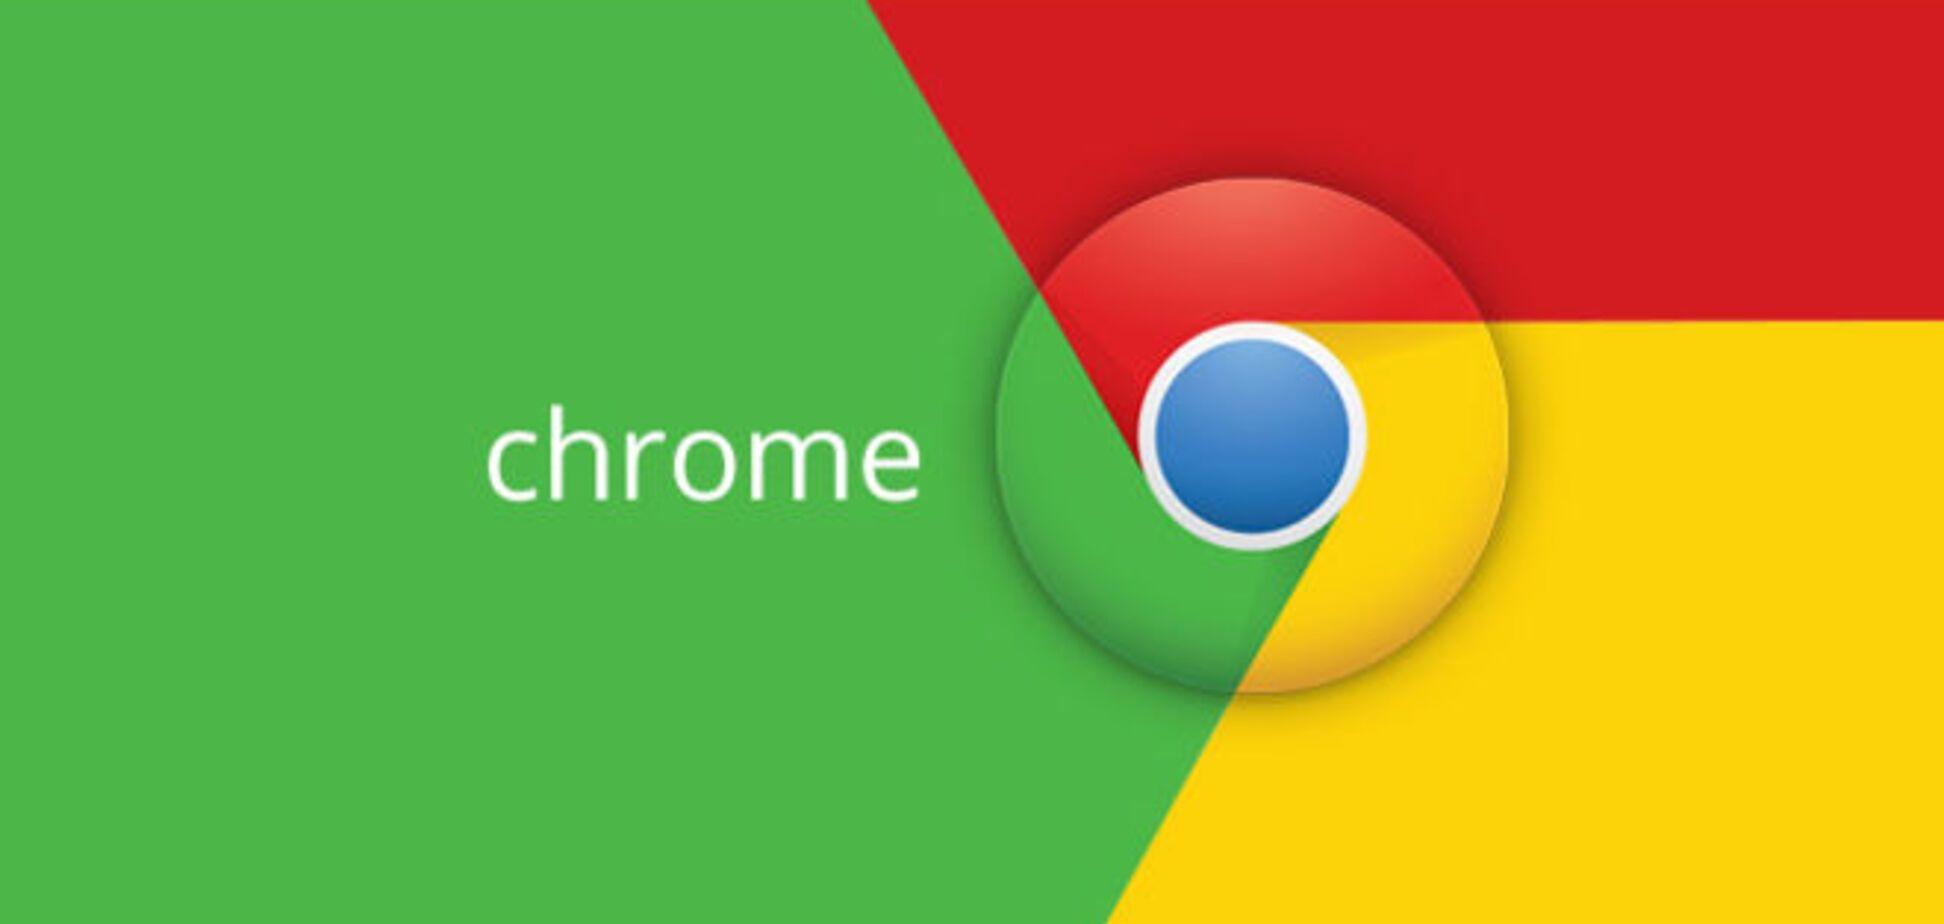 7 способов найти информацию через адресную строку Google Chrome